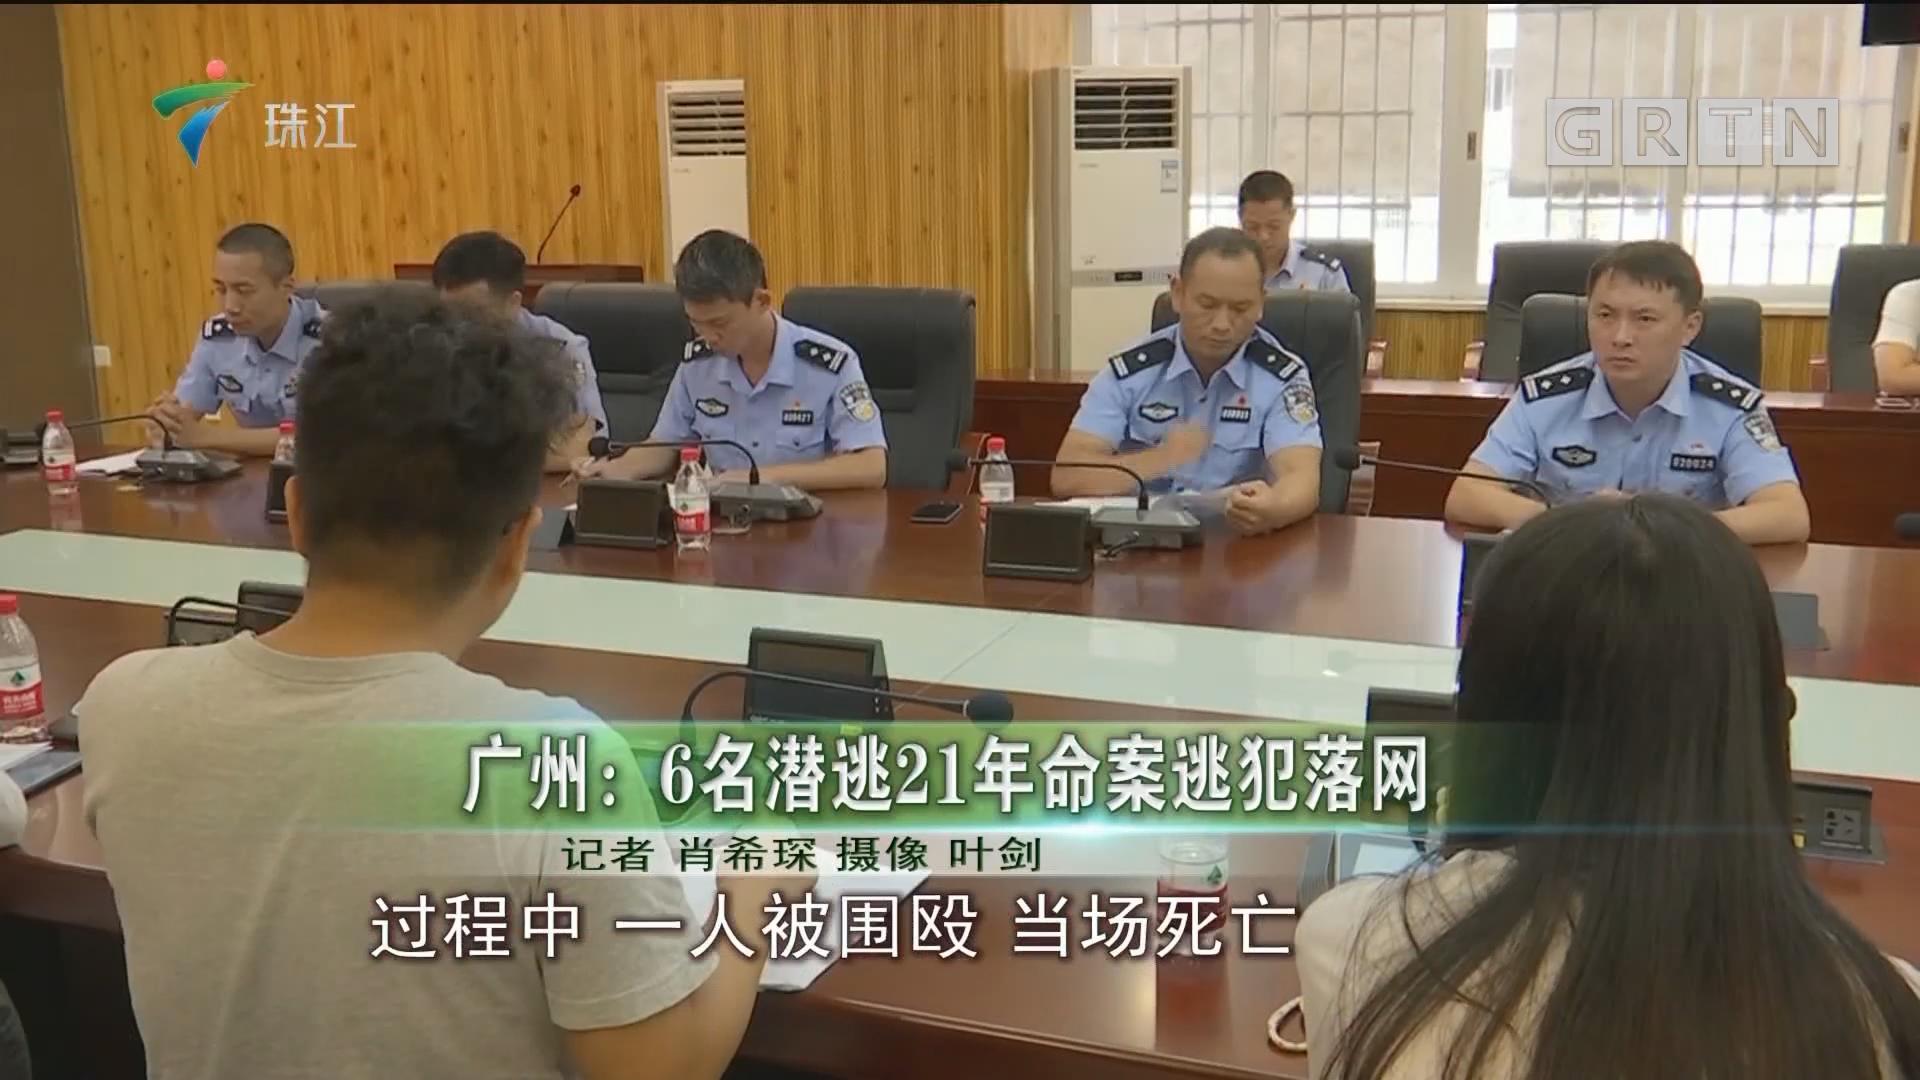 广州:6名潜逃21年命案逃犯落网